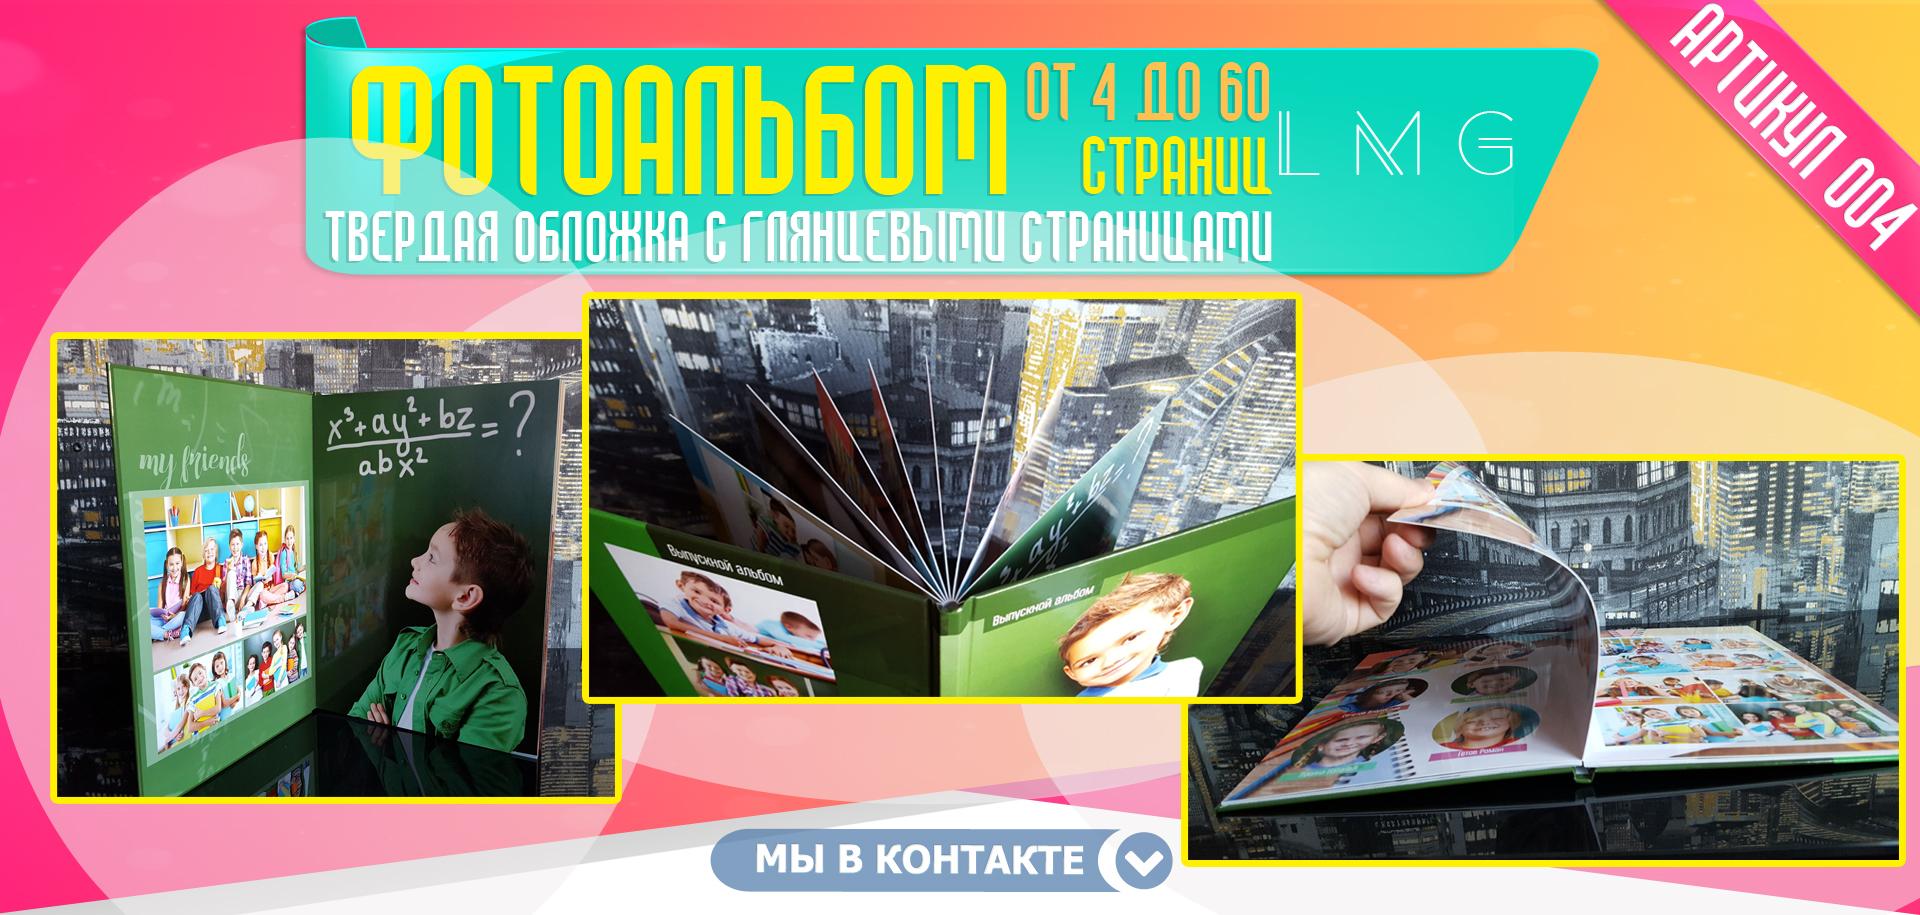 Выпускной фотоальбом в Челябинске для выпускников 4 класса